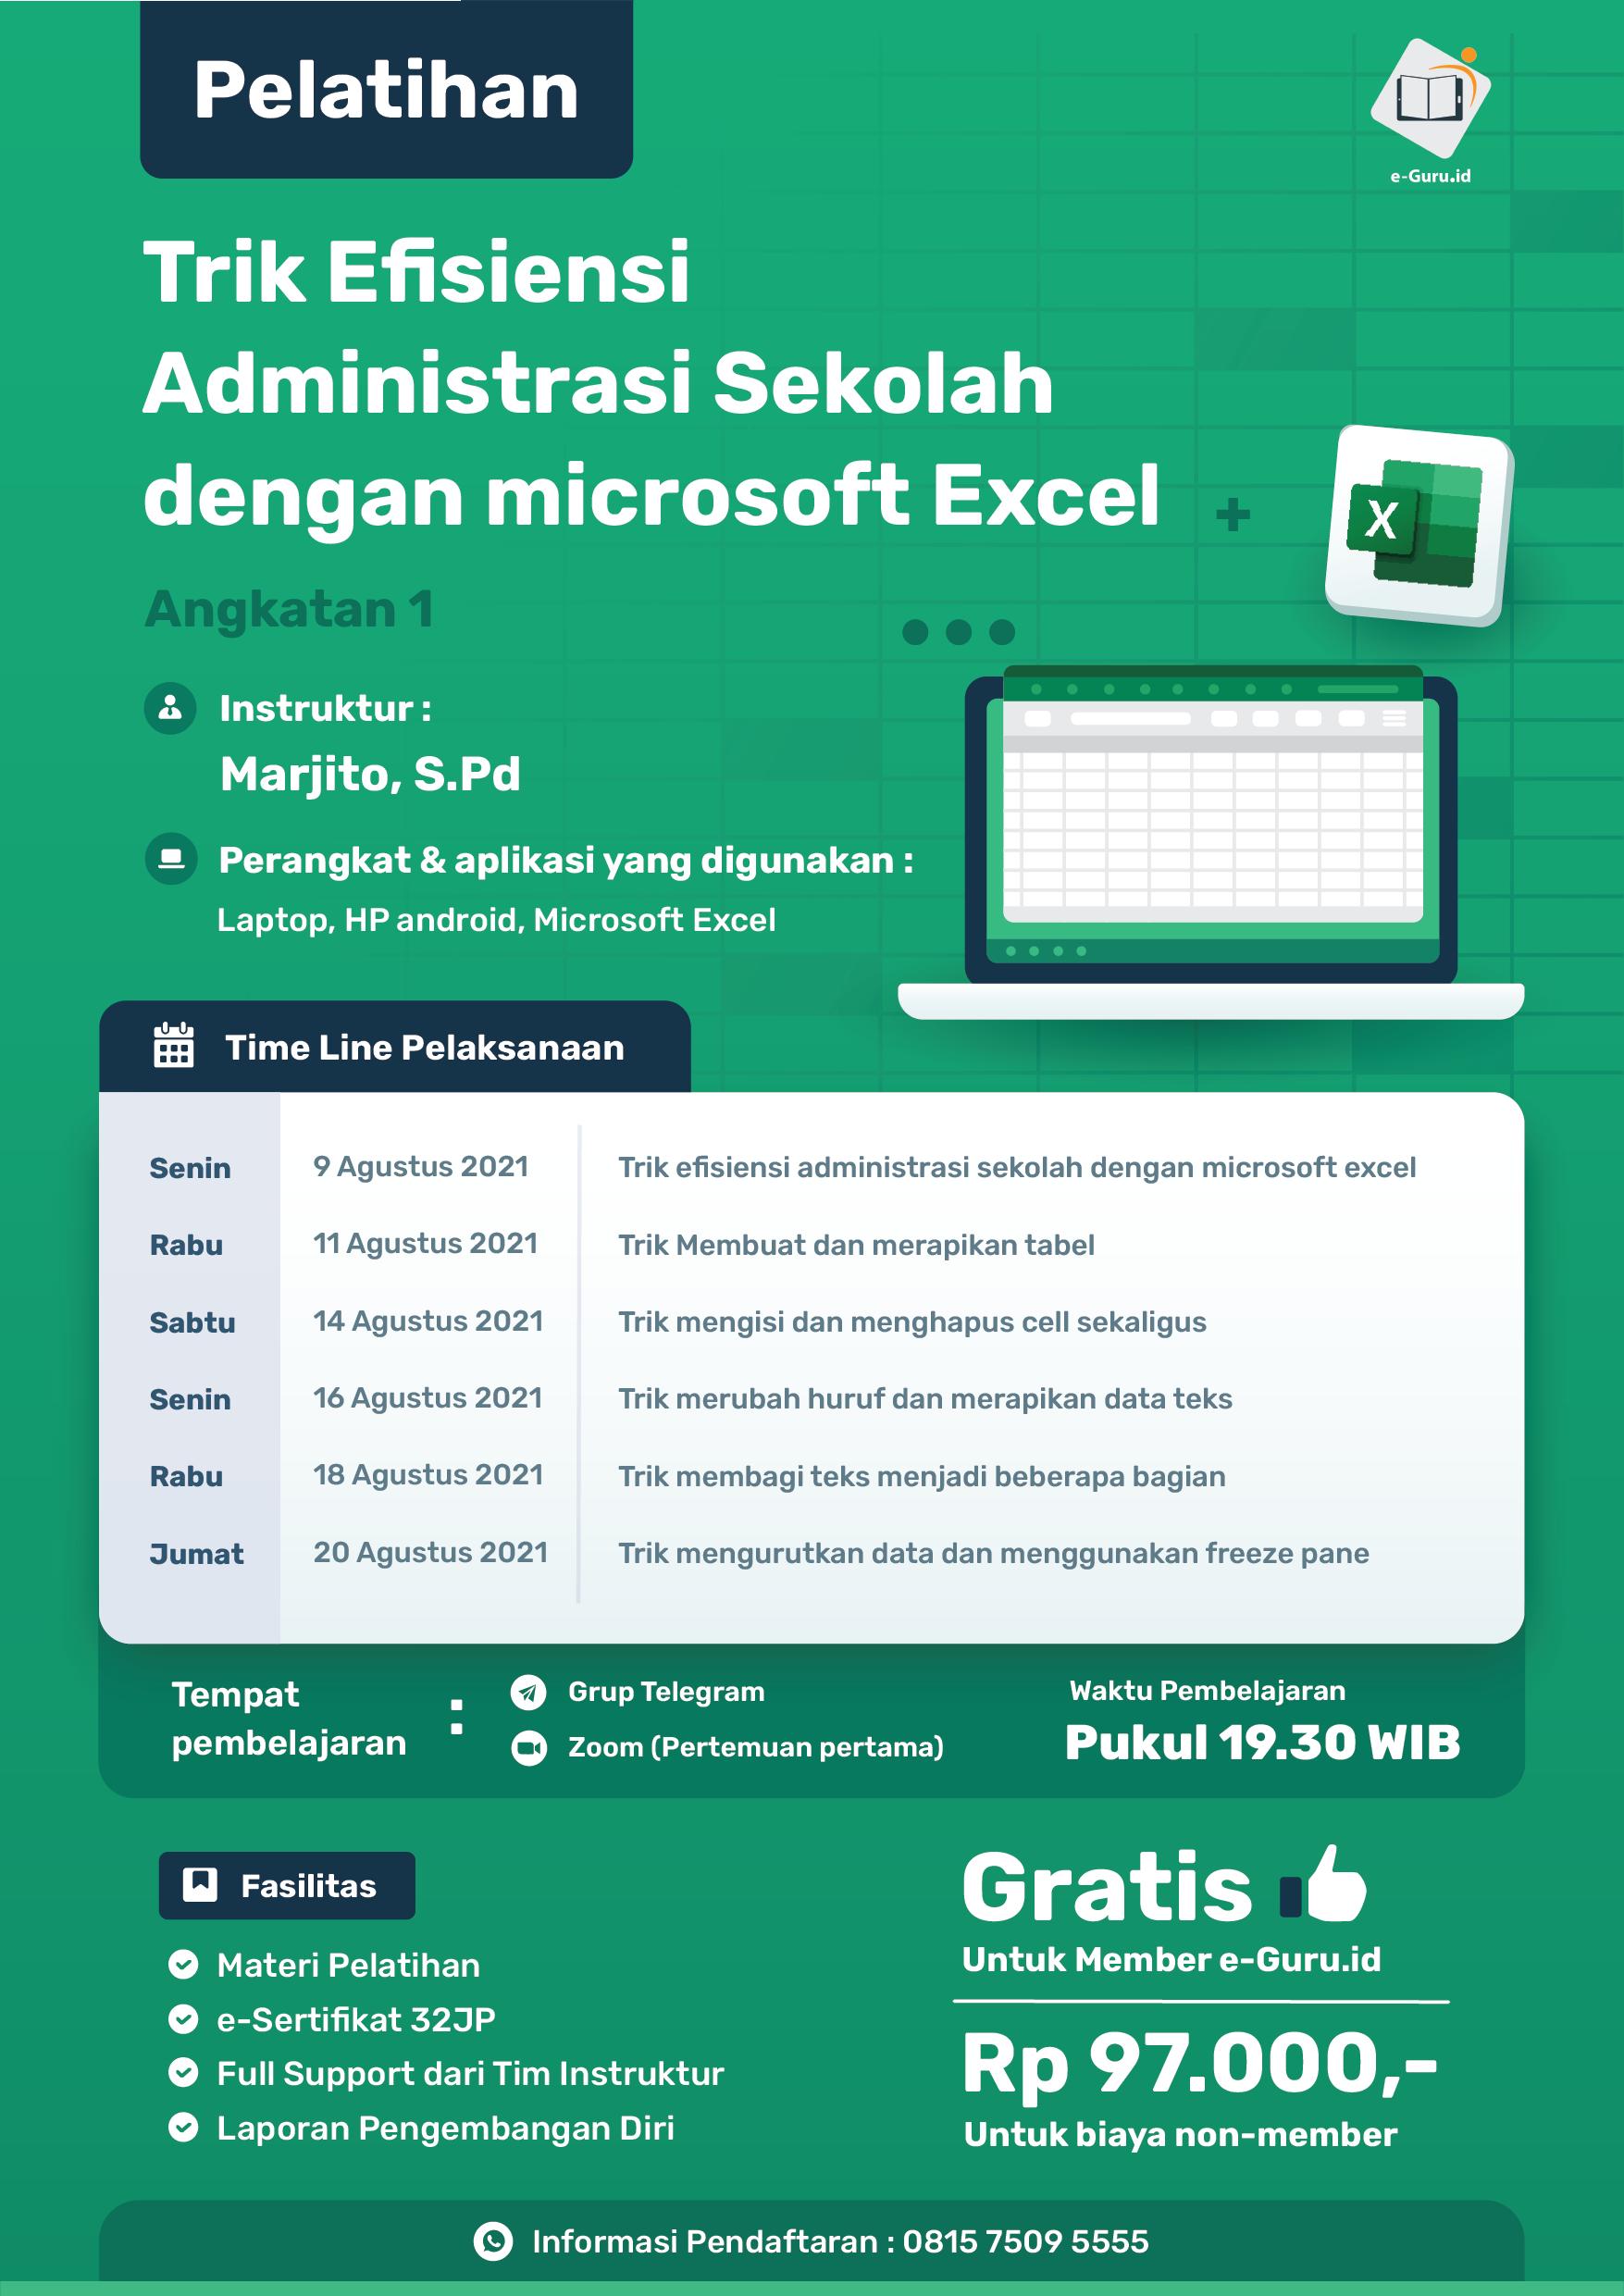 10. Pelatihan Trik Efisiensi Administrasi Sekolah dengan microsoft Excel-02